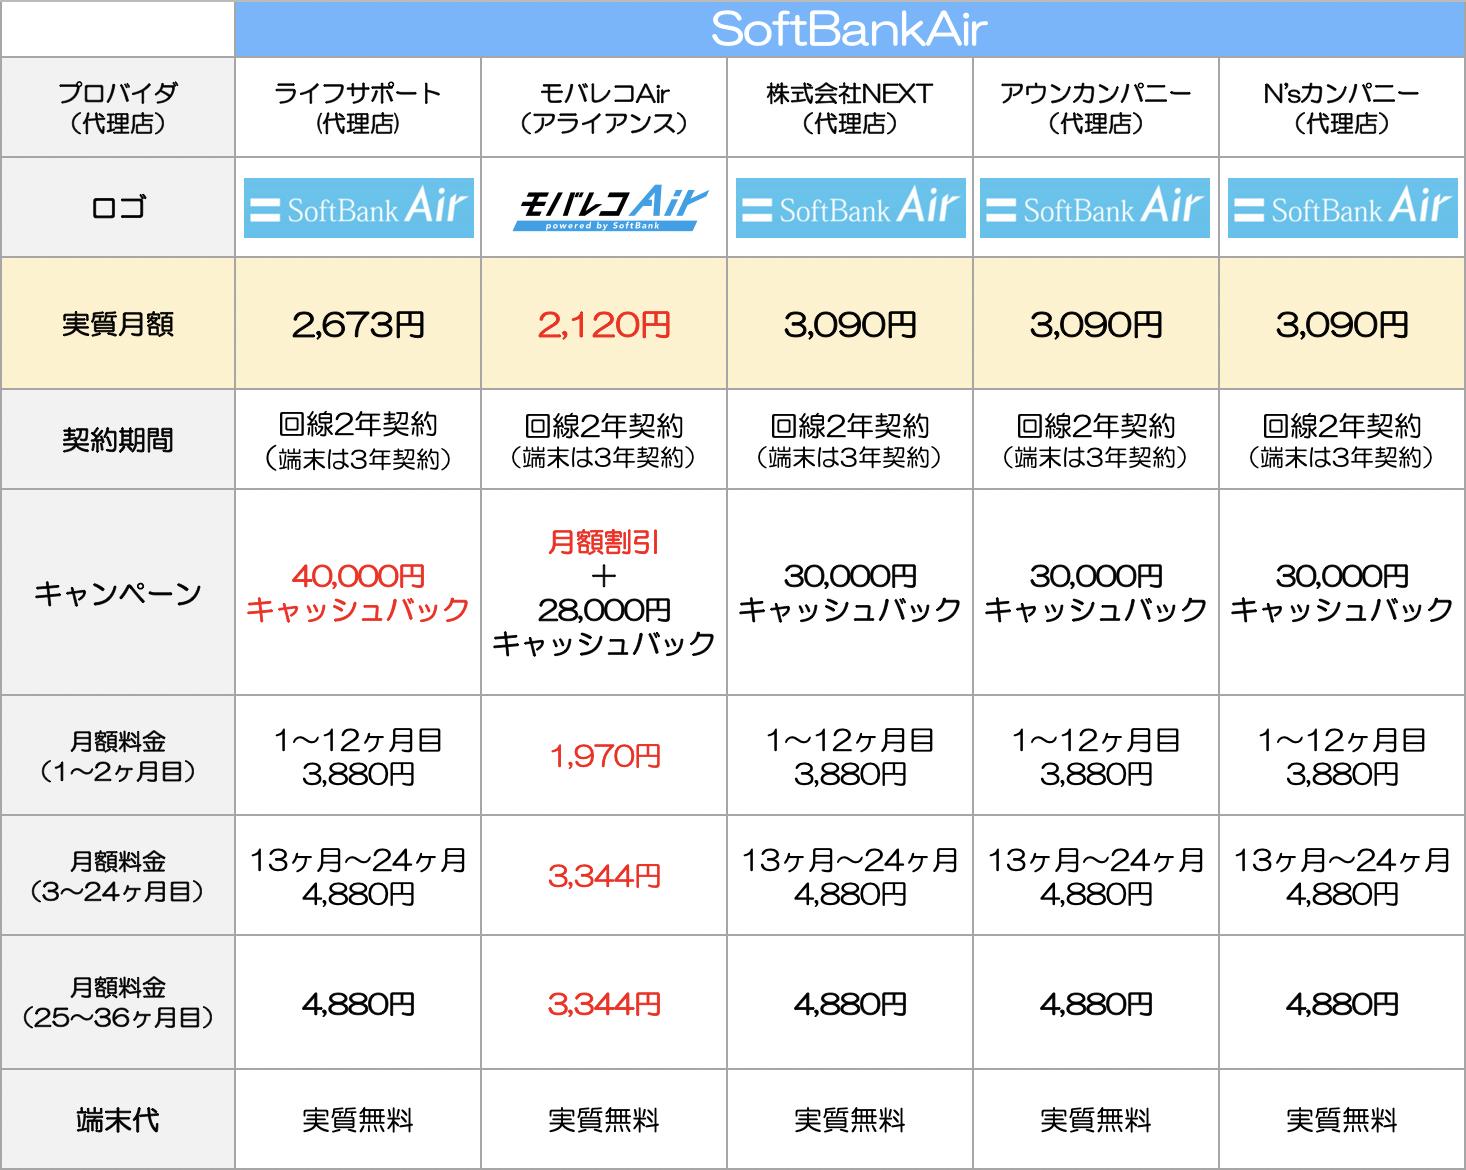 SoftBankAir比較表